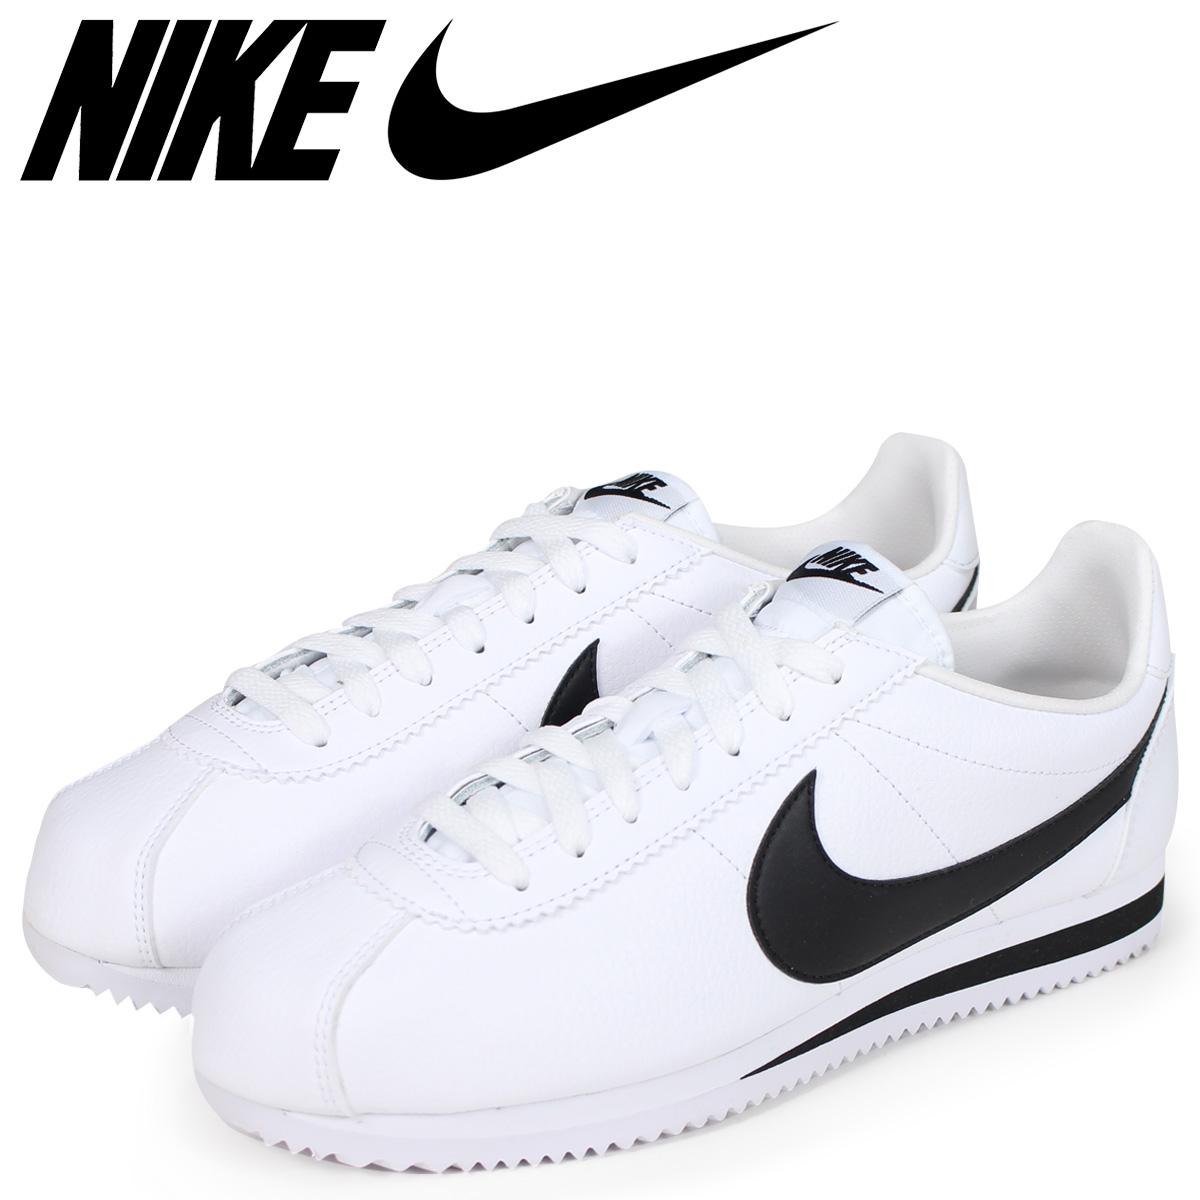 NIKE ナイキ コルテッツ スニーカー CLASSIC CORTEZ LEATHER 749571-100 メンズ 靴 ホワイト 【決算セール 返品不可】